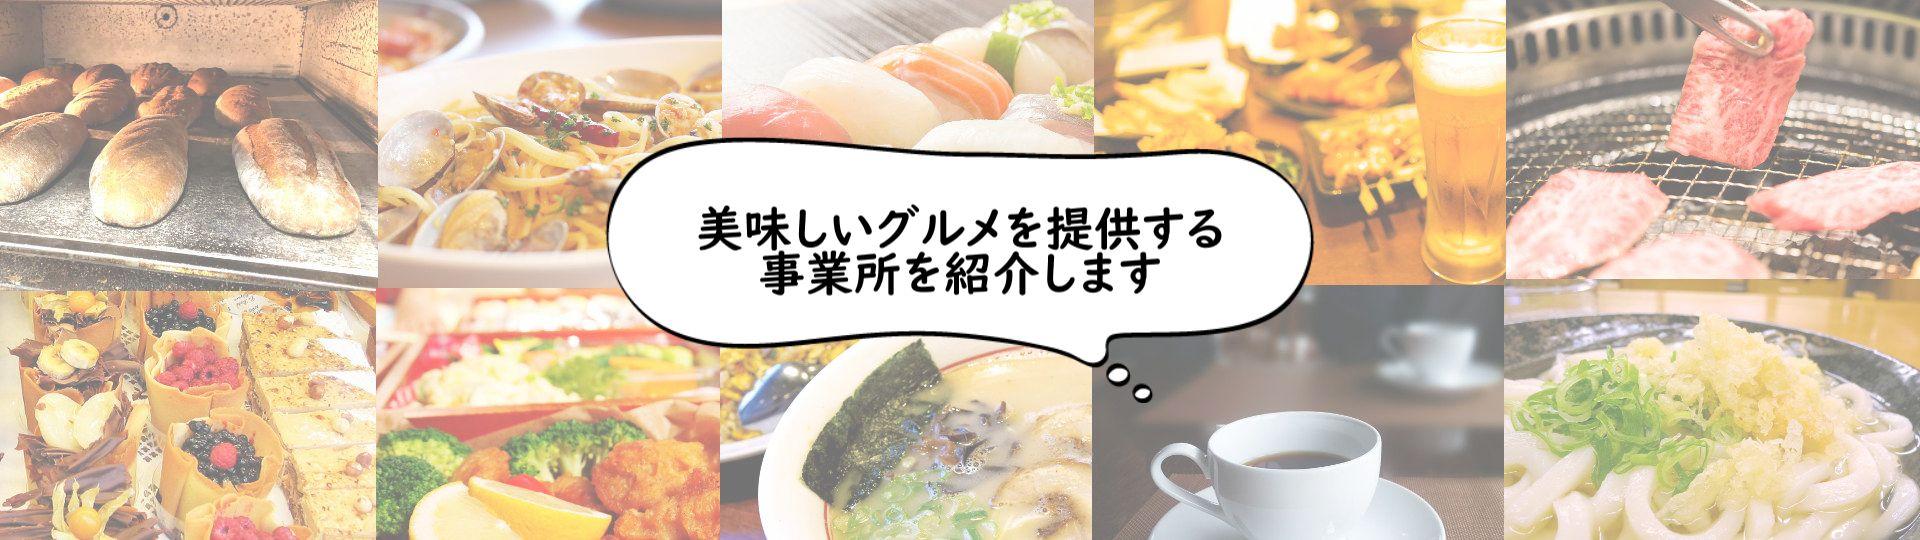 グルメ飲食カテゴリ画像2